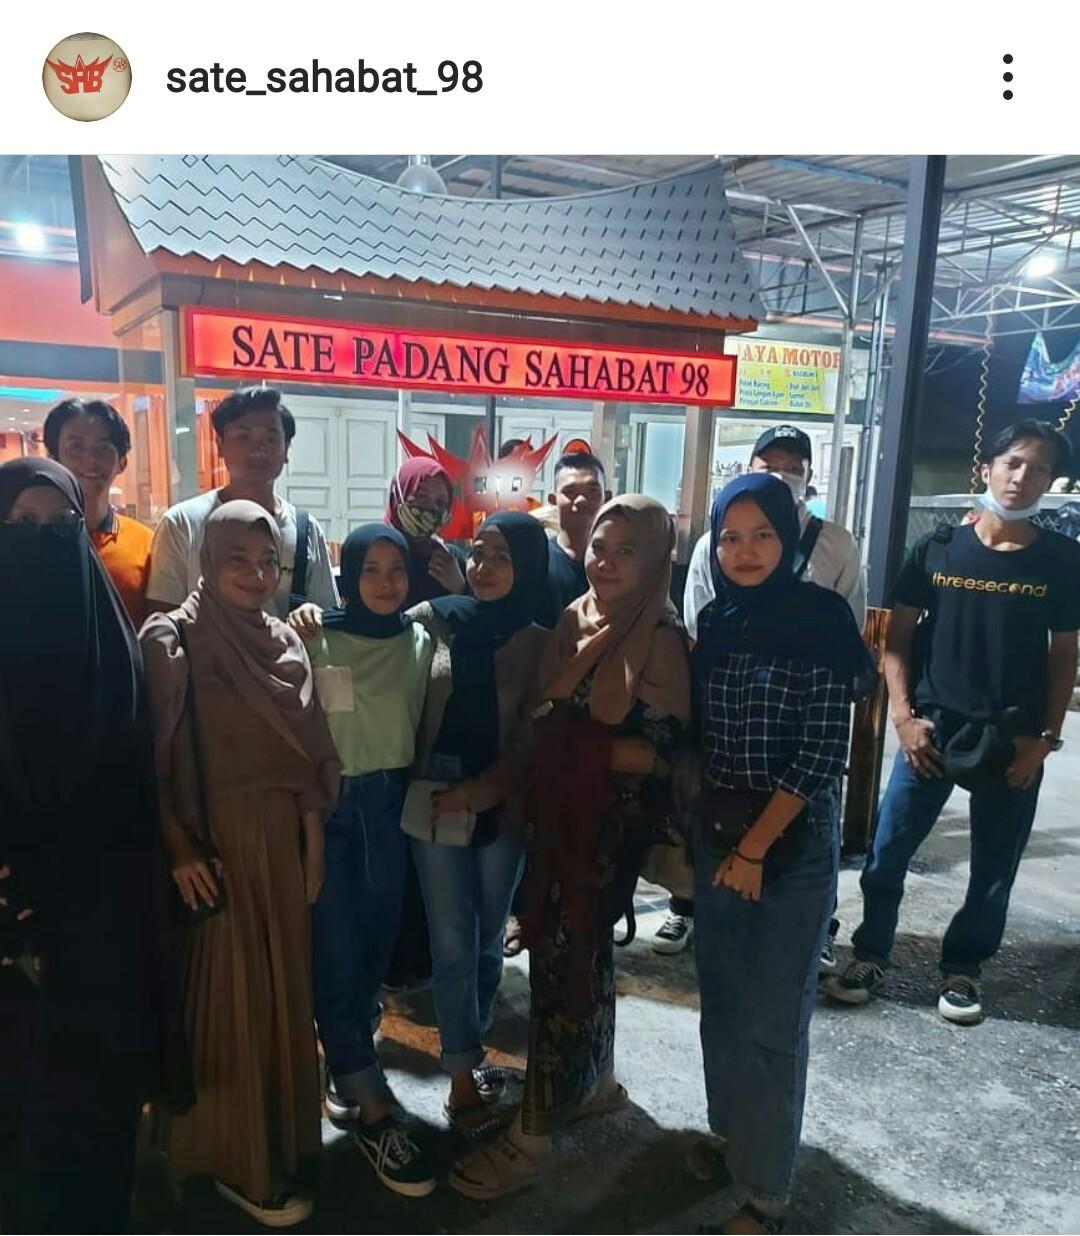 Sate dan Soto Padang Sahaba 98 8 - Sate dan Soto Padang  Sahabat 98 - Sate dan Soto Padang Enak Pekanbaru